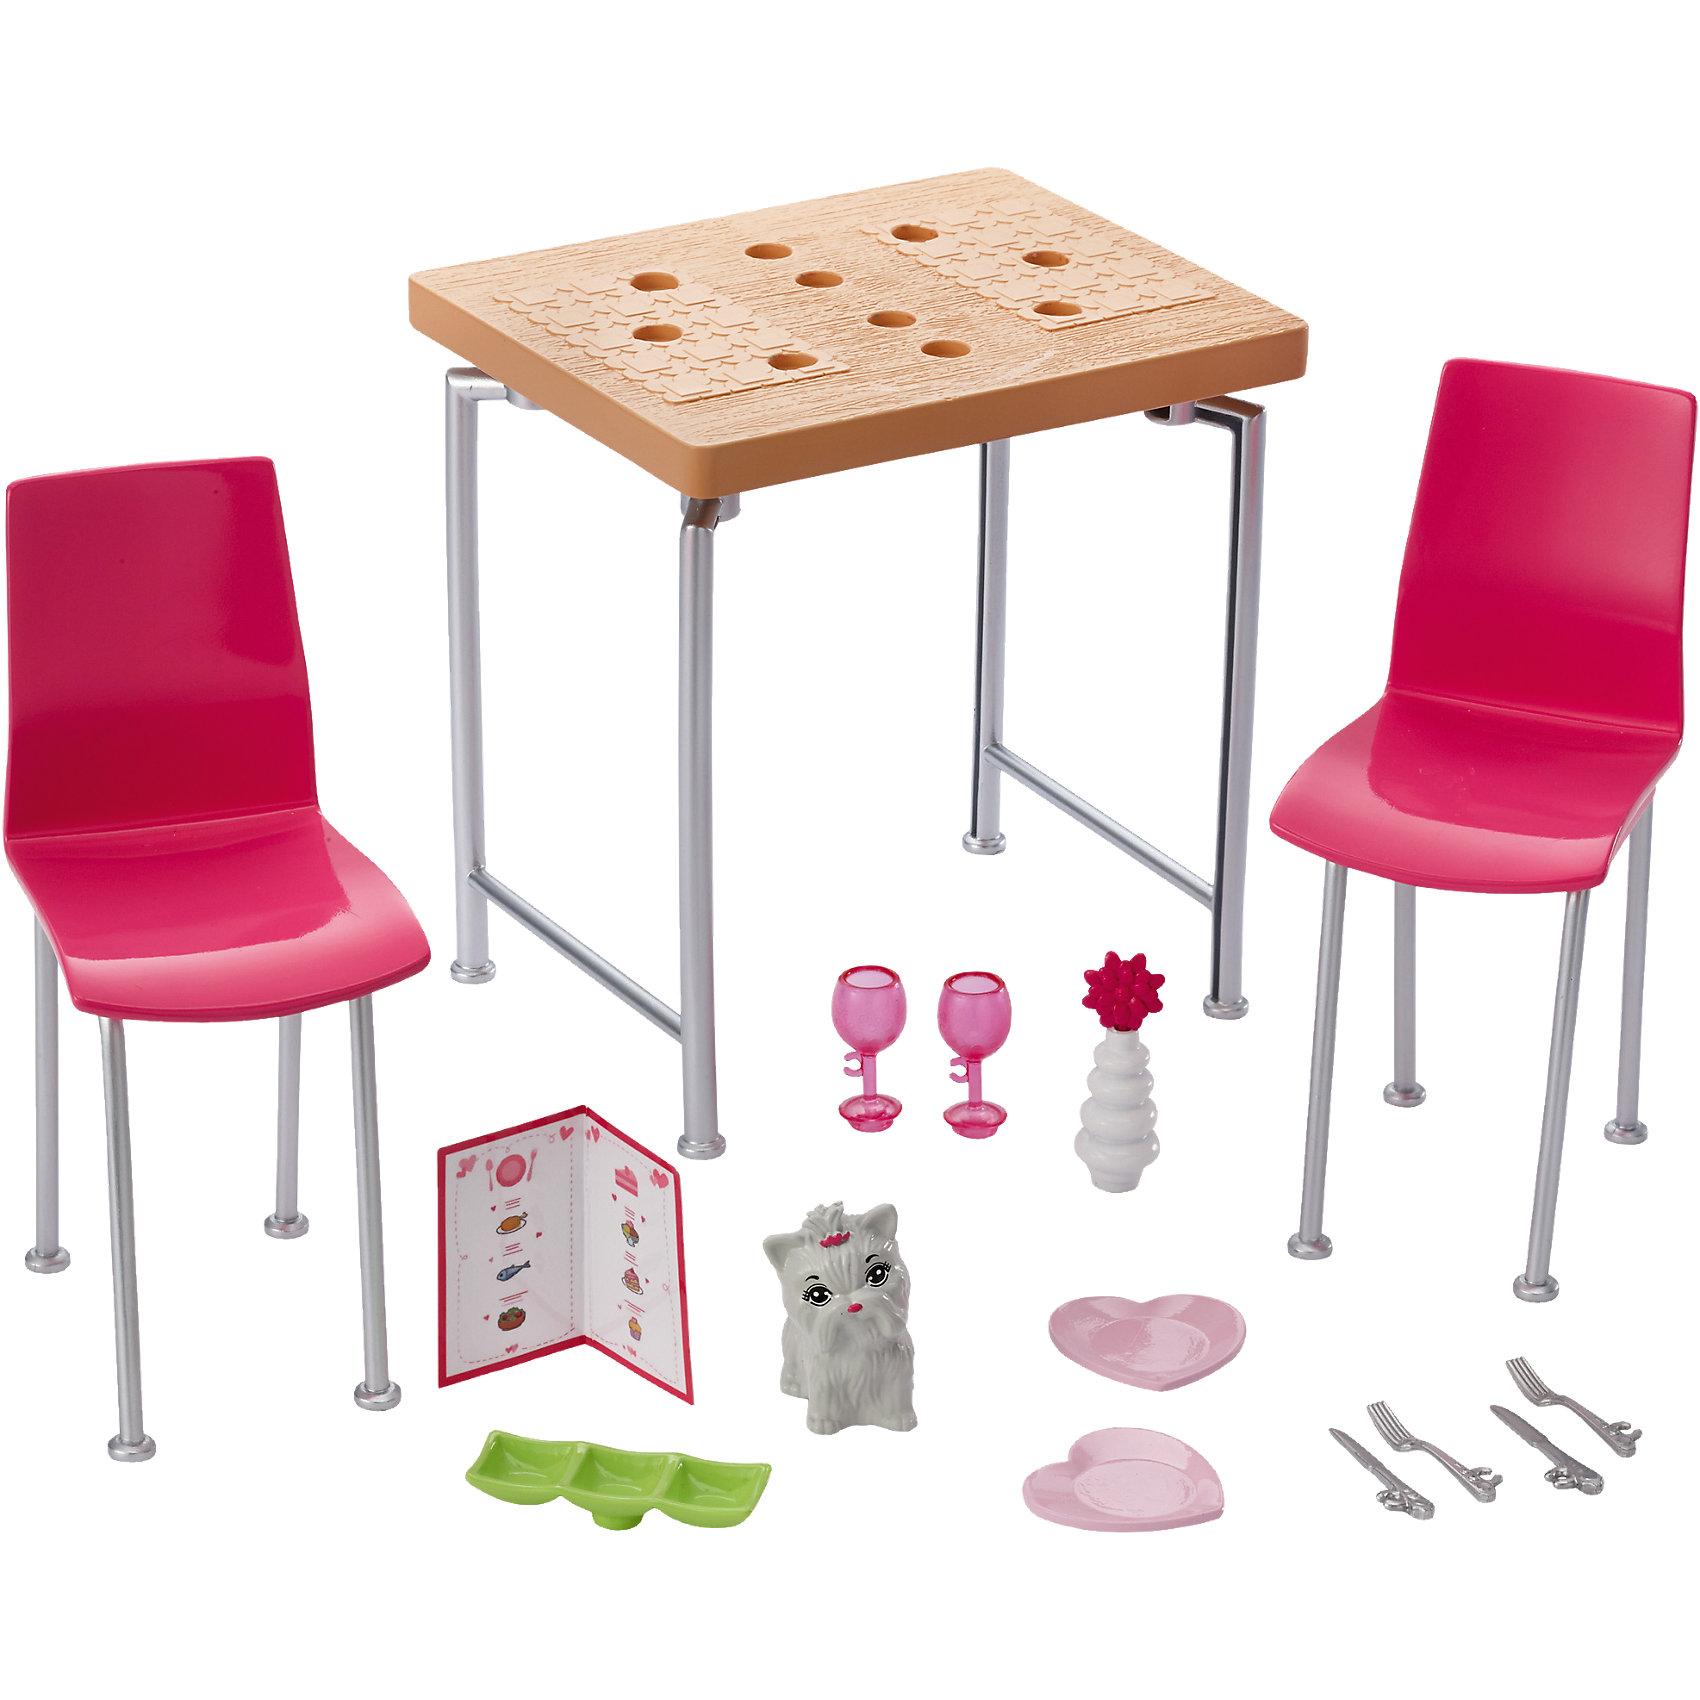 Набор мебели Обеденный стол из серии Отдых дома, BarbieДомики и мебель<br>Набор мебели Обеденный стол из серии Отдых дома, Barbie.<br><br>Характеристики:<br><br>• В наборе: 2 стула, фигурка собаки, стол, меню, ваза, 2 вилки, 2 ножа, 2 тарелки в форме сердечек, 2 фужера, аксессуар<br>• Высота стола: 14 см.<br>• Материал: пластик<br>• Упаковка: блистер<br>• Размер упаковки: 20х9х27 см.<br><br>Проведите спокойный вечер дома с набором мебели Barbie. Кукла Barbie (продается отдельно) может насладиться великолепной трапезой за обеденным столом с двумя стульями. Ножки у мебели сделаны из пластика серебристого цвета с имитацией под металл, а сидения стульев ярко-розового цвета - самого любимого у Барби. На столе можно расположить аксессуары: тарелки в форме сердечек, вилки, ножи, вазу, фужеры и меню. <br><br>Также в наборе есть фигурка домашнего питомца - маленькой белой собачки с розовым бантиком. Все элементы наборы выполнены из прочного и безопасного для ребенка пластика. Собери всю превосходную мебель и аксессуары, чтобы создать полноценный интерьер для своей куклы Barbie.<br><br>Набор мебели Обеденный стол из серии Отдых дома, Barbie можно купить в нашем интернет-магазине.<br><br>Ширина мм: 271<br>Глубина мм: 192<br>Высота мм: 88<br>Вес г: 255<br>Возраст от месяцев: 36<br>Возраст до месяцев: 72<br>Пол: Женский<br>Возраст: Детский<br>SKU: 5257110